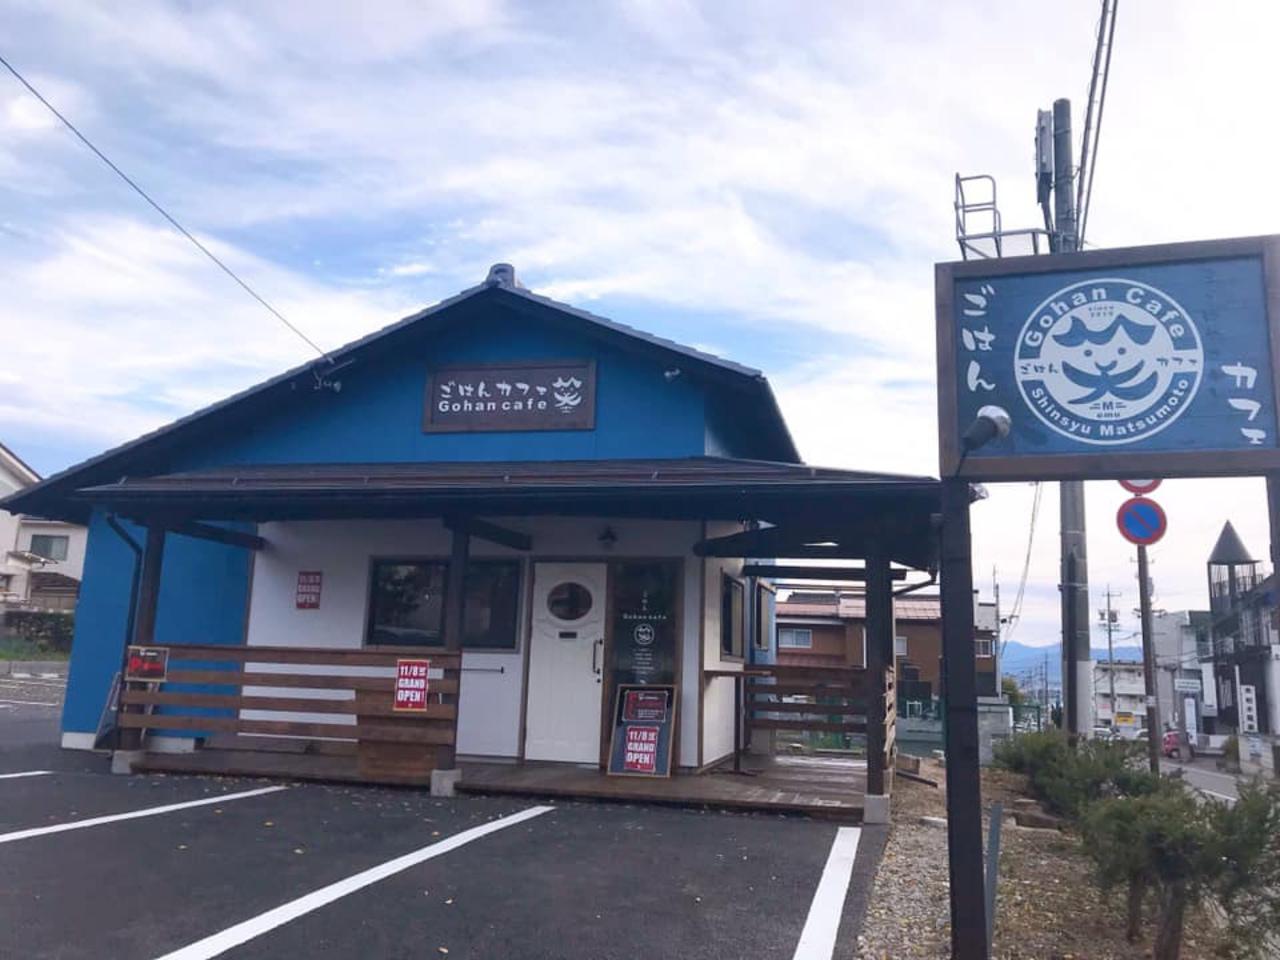 笑ご膳と手作りケーキのお店...長野県松本市岡田松岡に、ごはんカフェ「笑」本日オープン